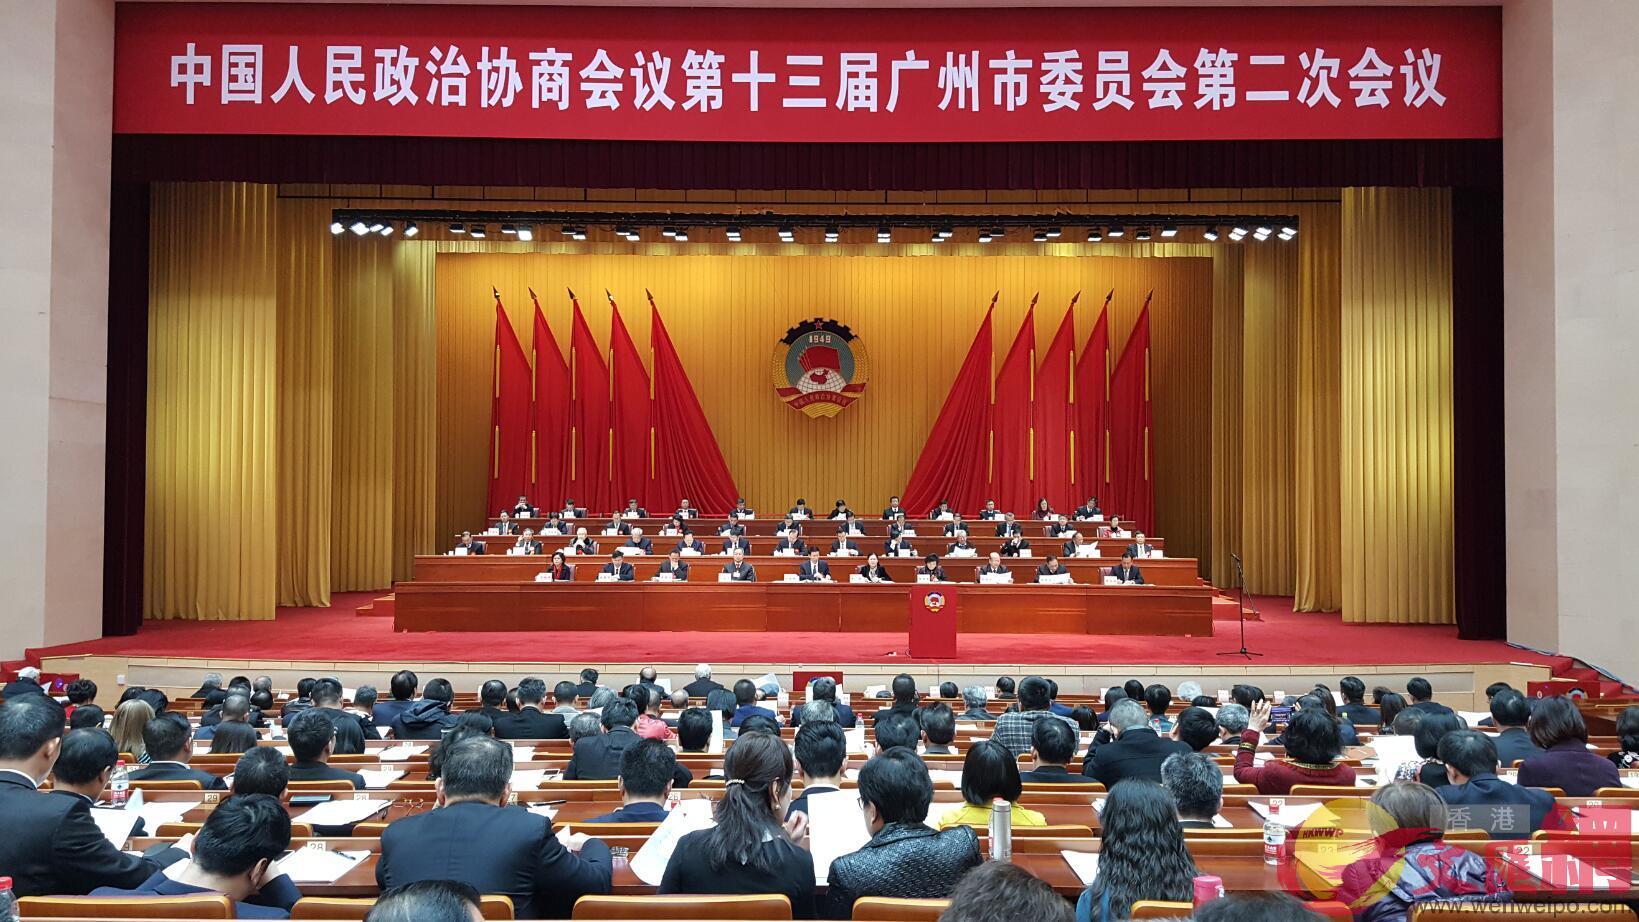 政協第十三屆廣州市委員會第二次會議閉幕,廣州市政協主席劉悅倫表示將致力促進人民福祉不斷改善(記者黃寶儀 攝)